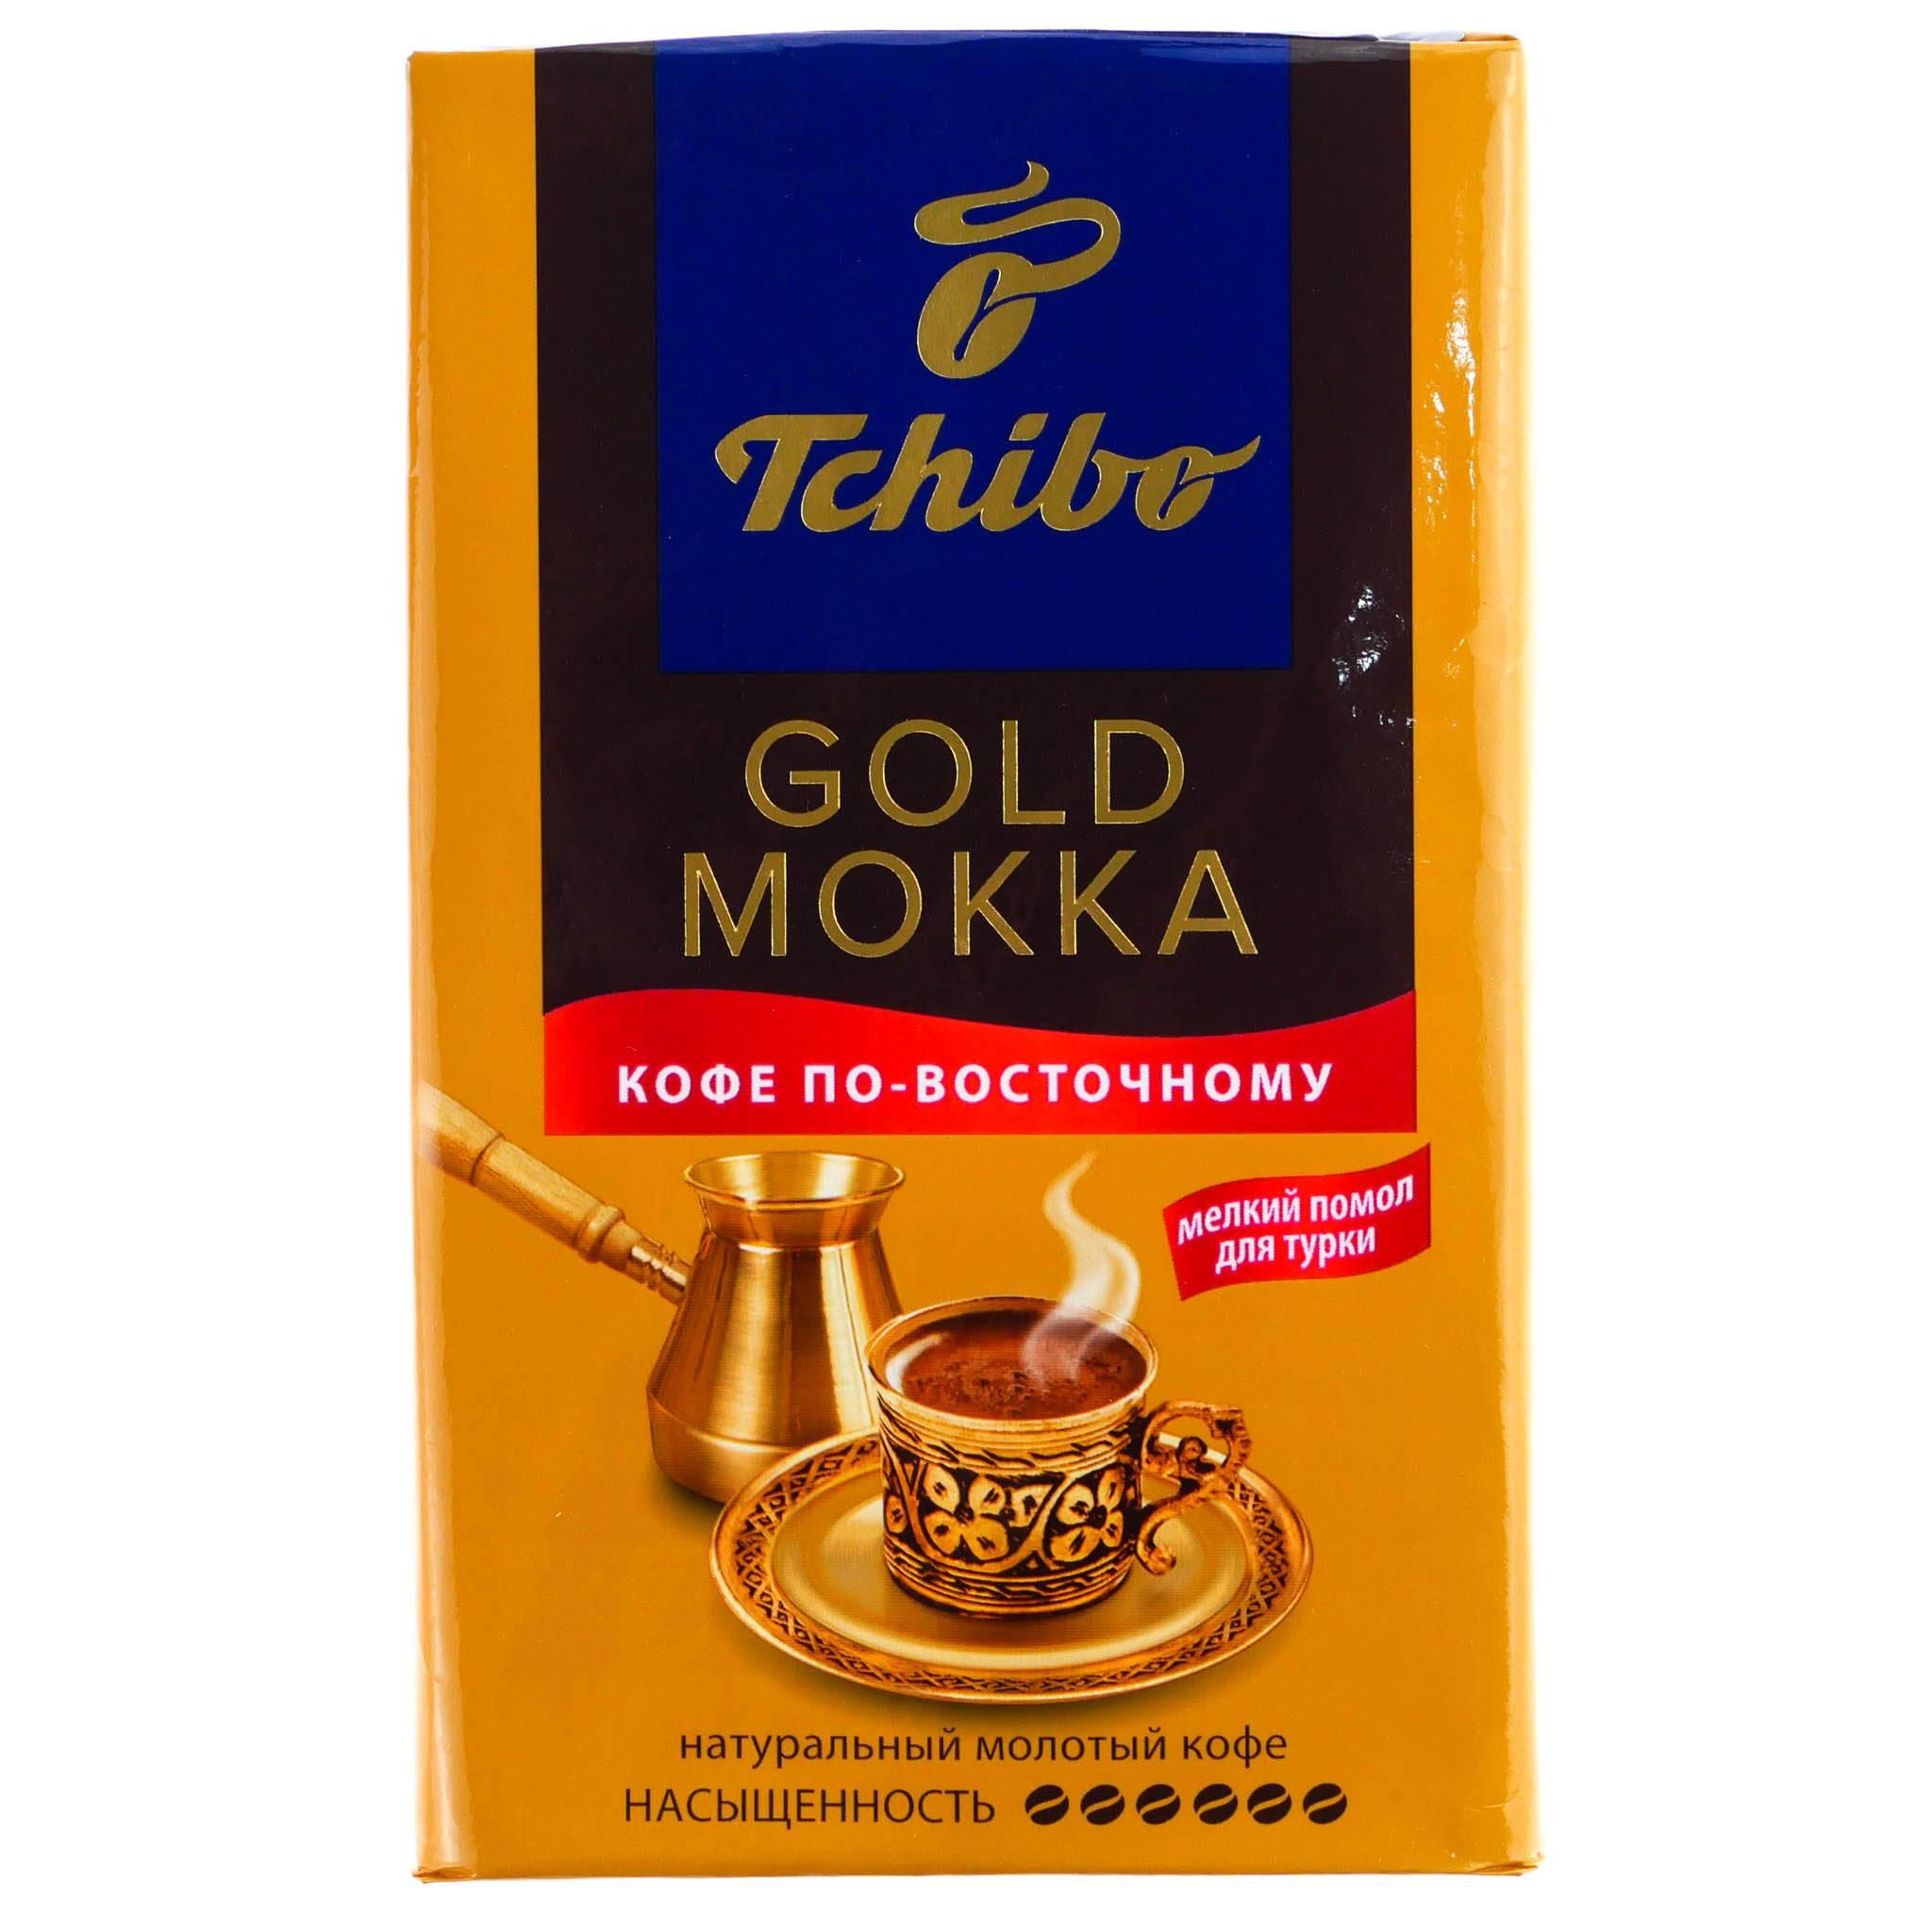 Какая турка для варки кофе лучше?